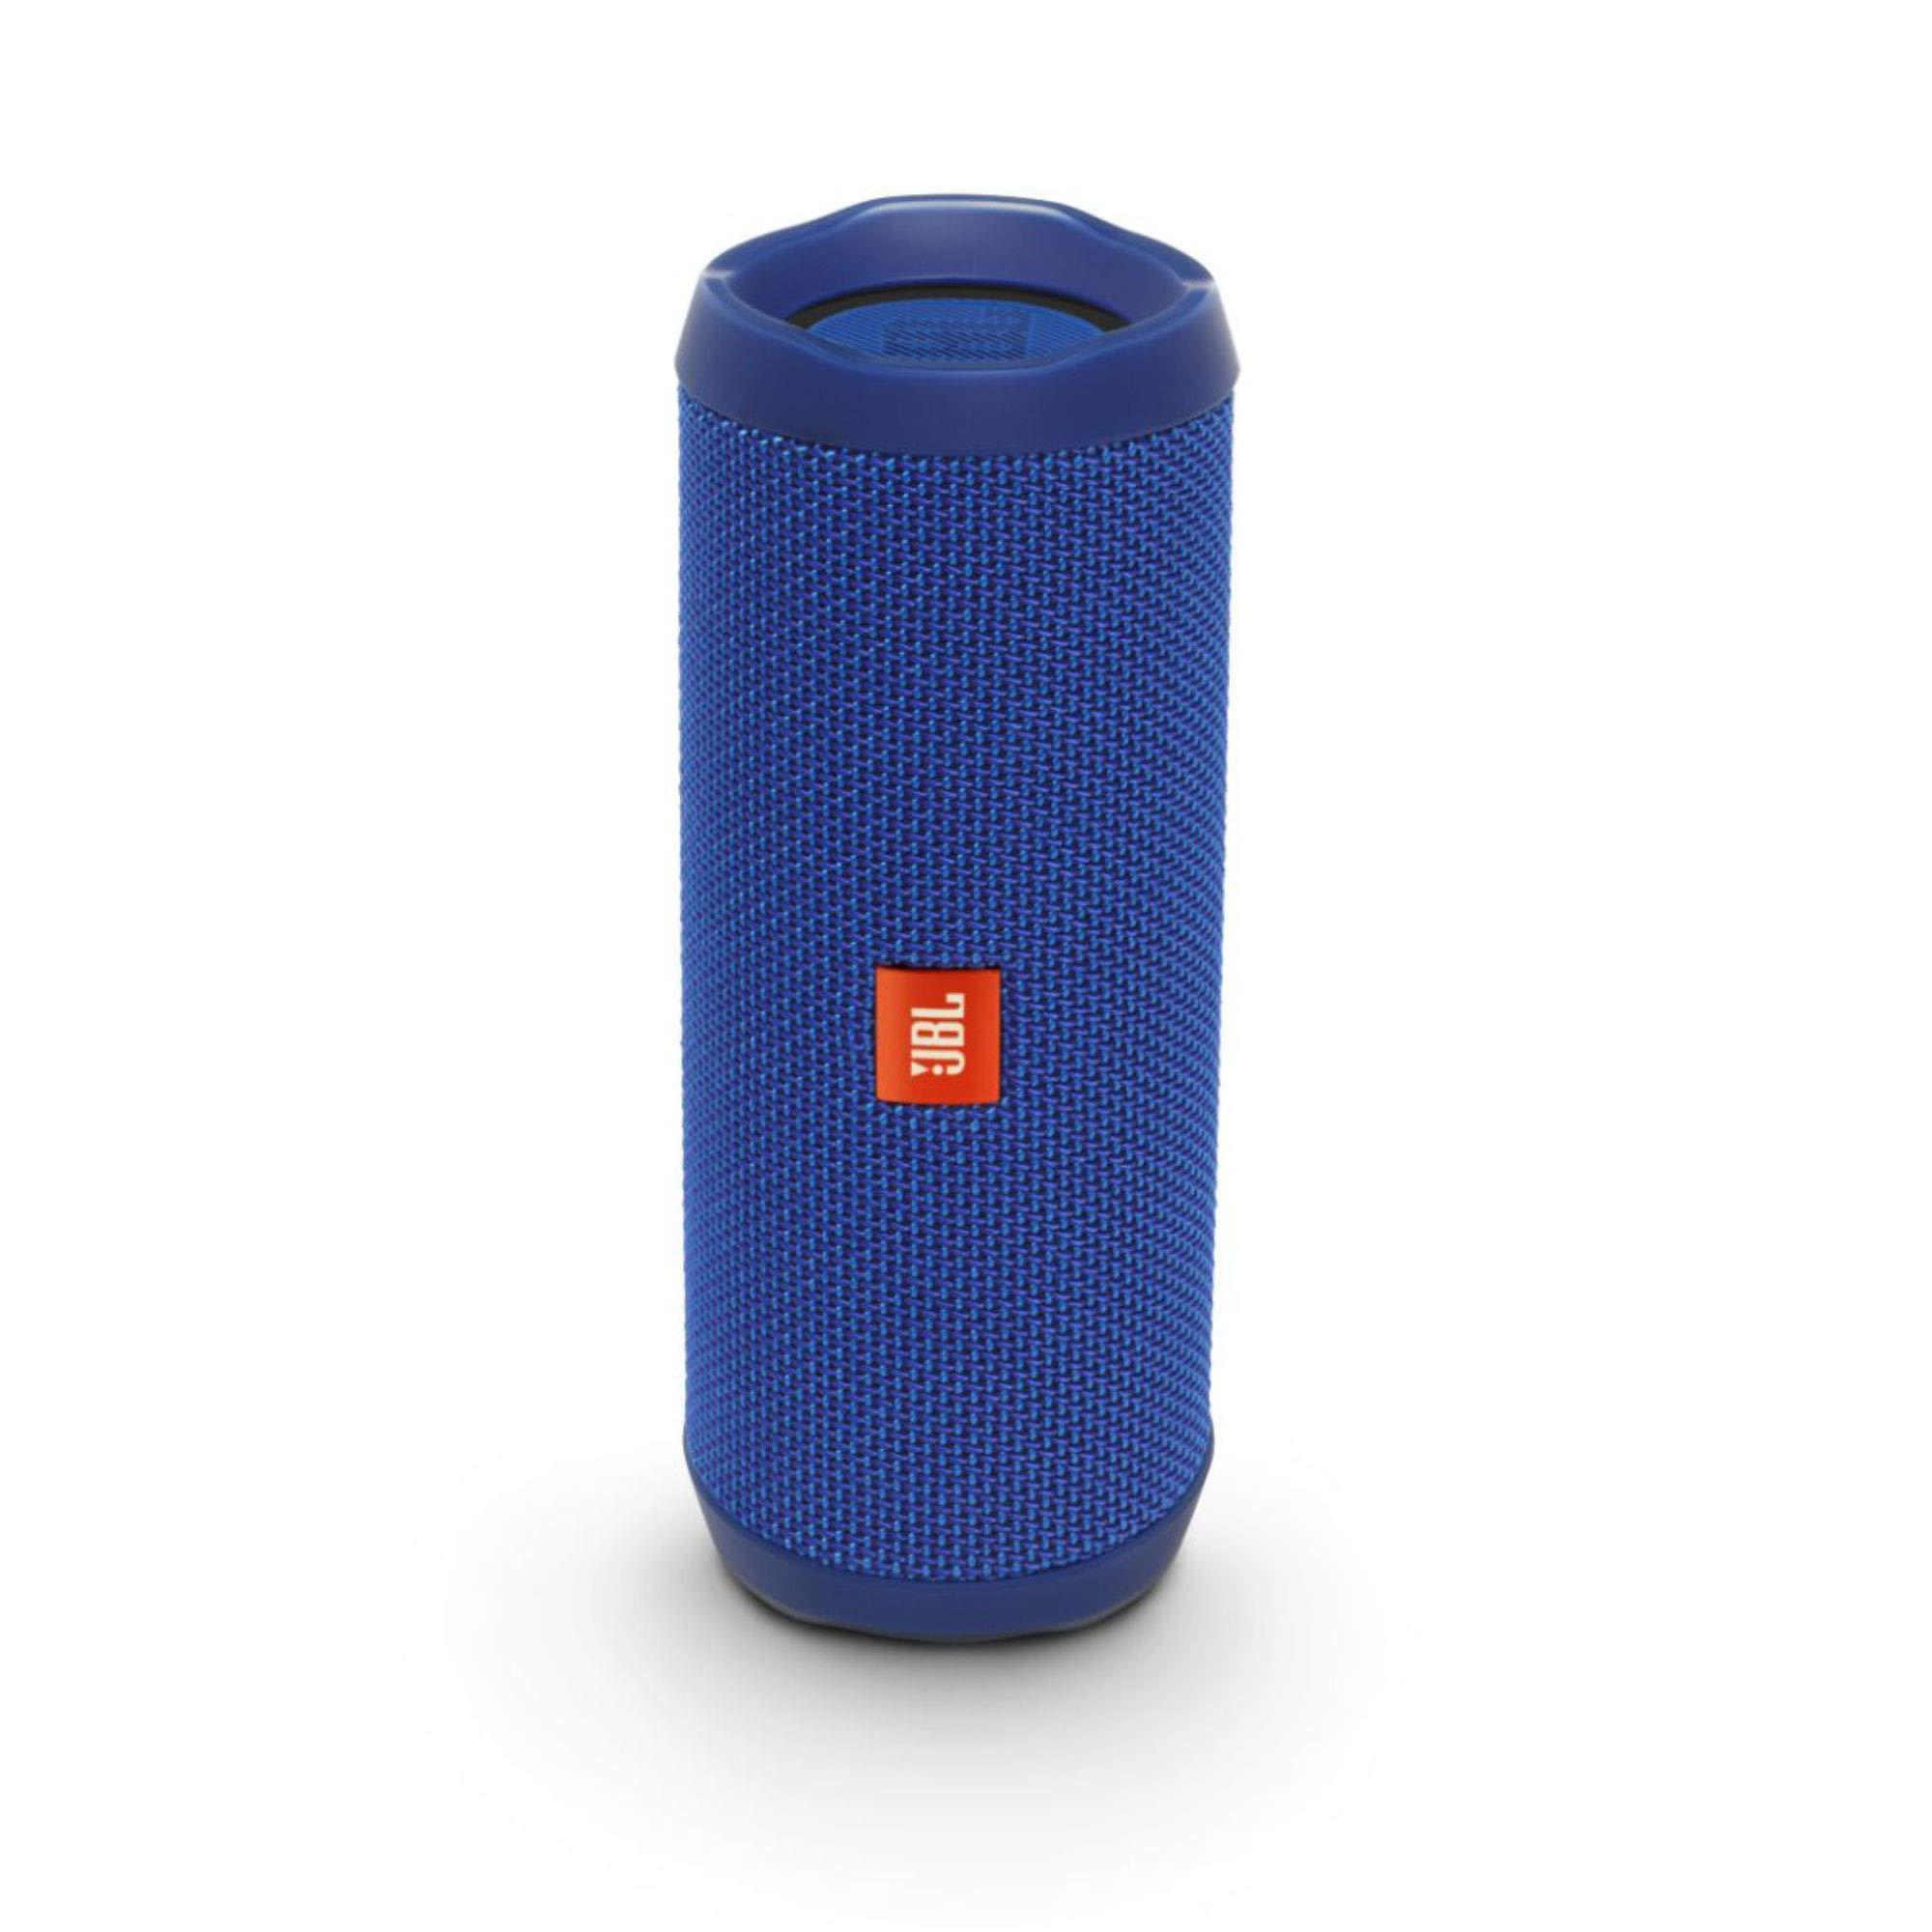 JBL Flip 4 Bluetooth Portable Stereo Speaker - Blue